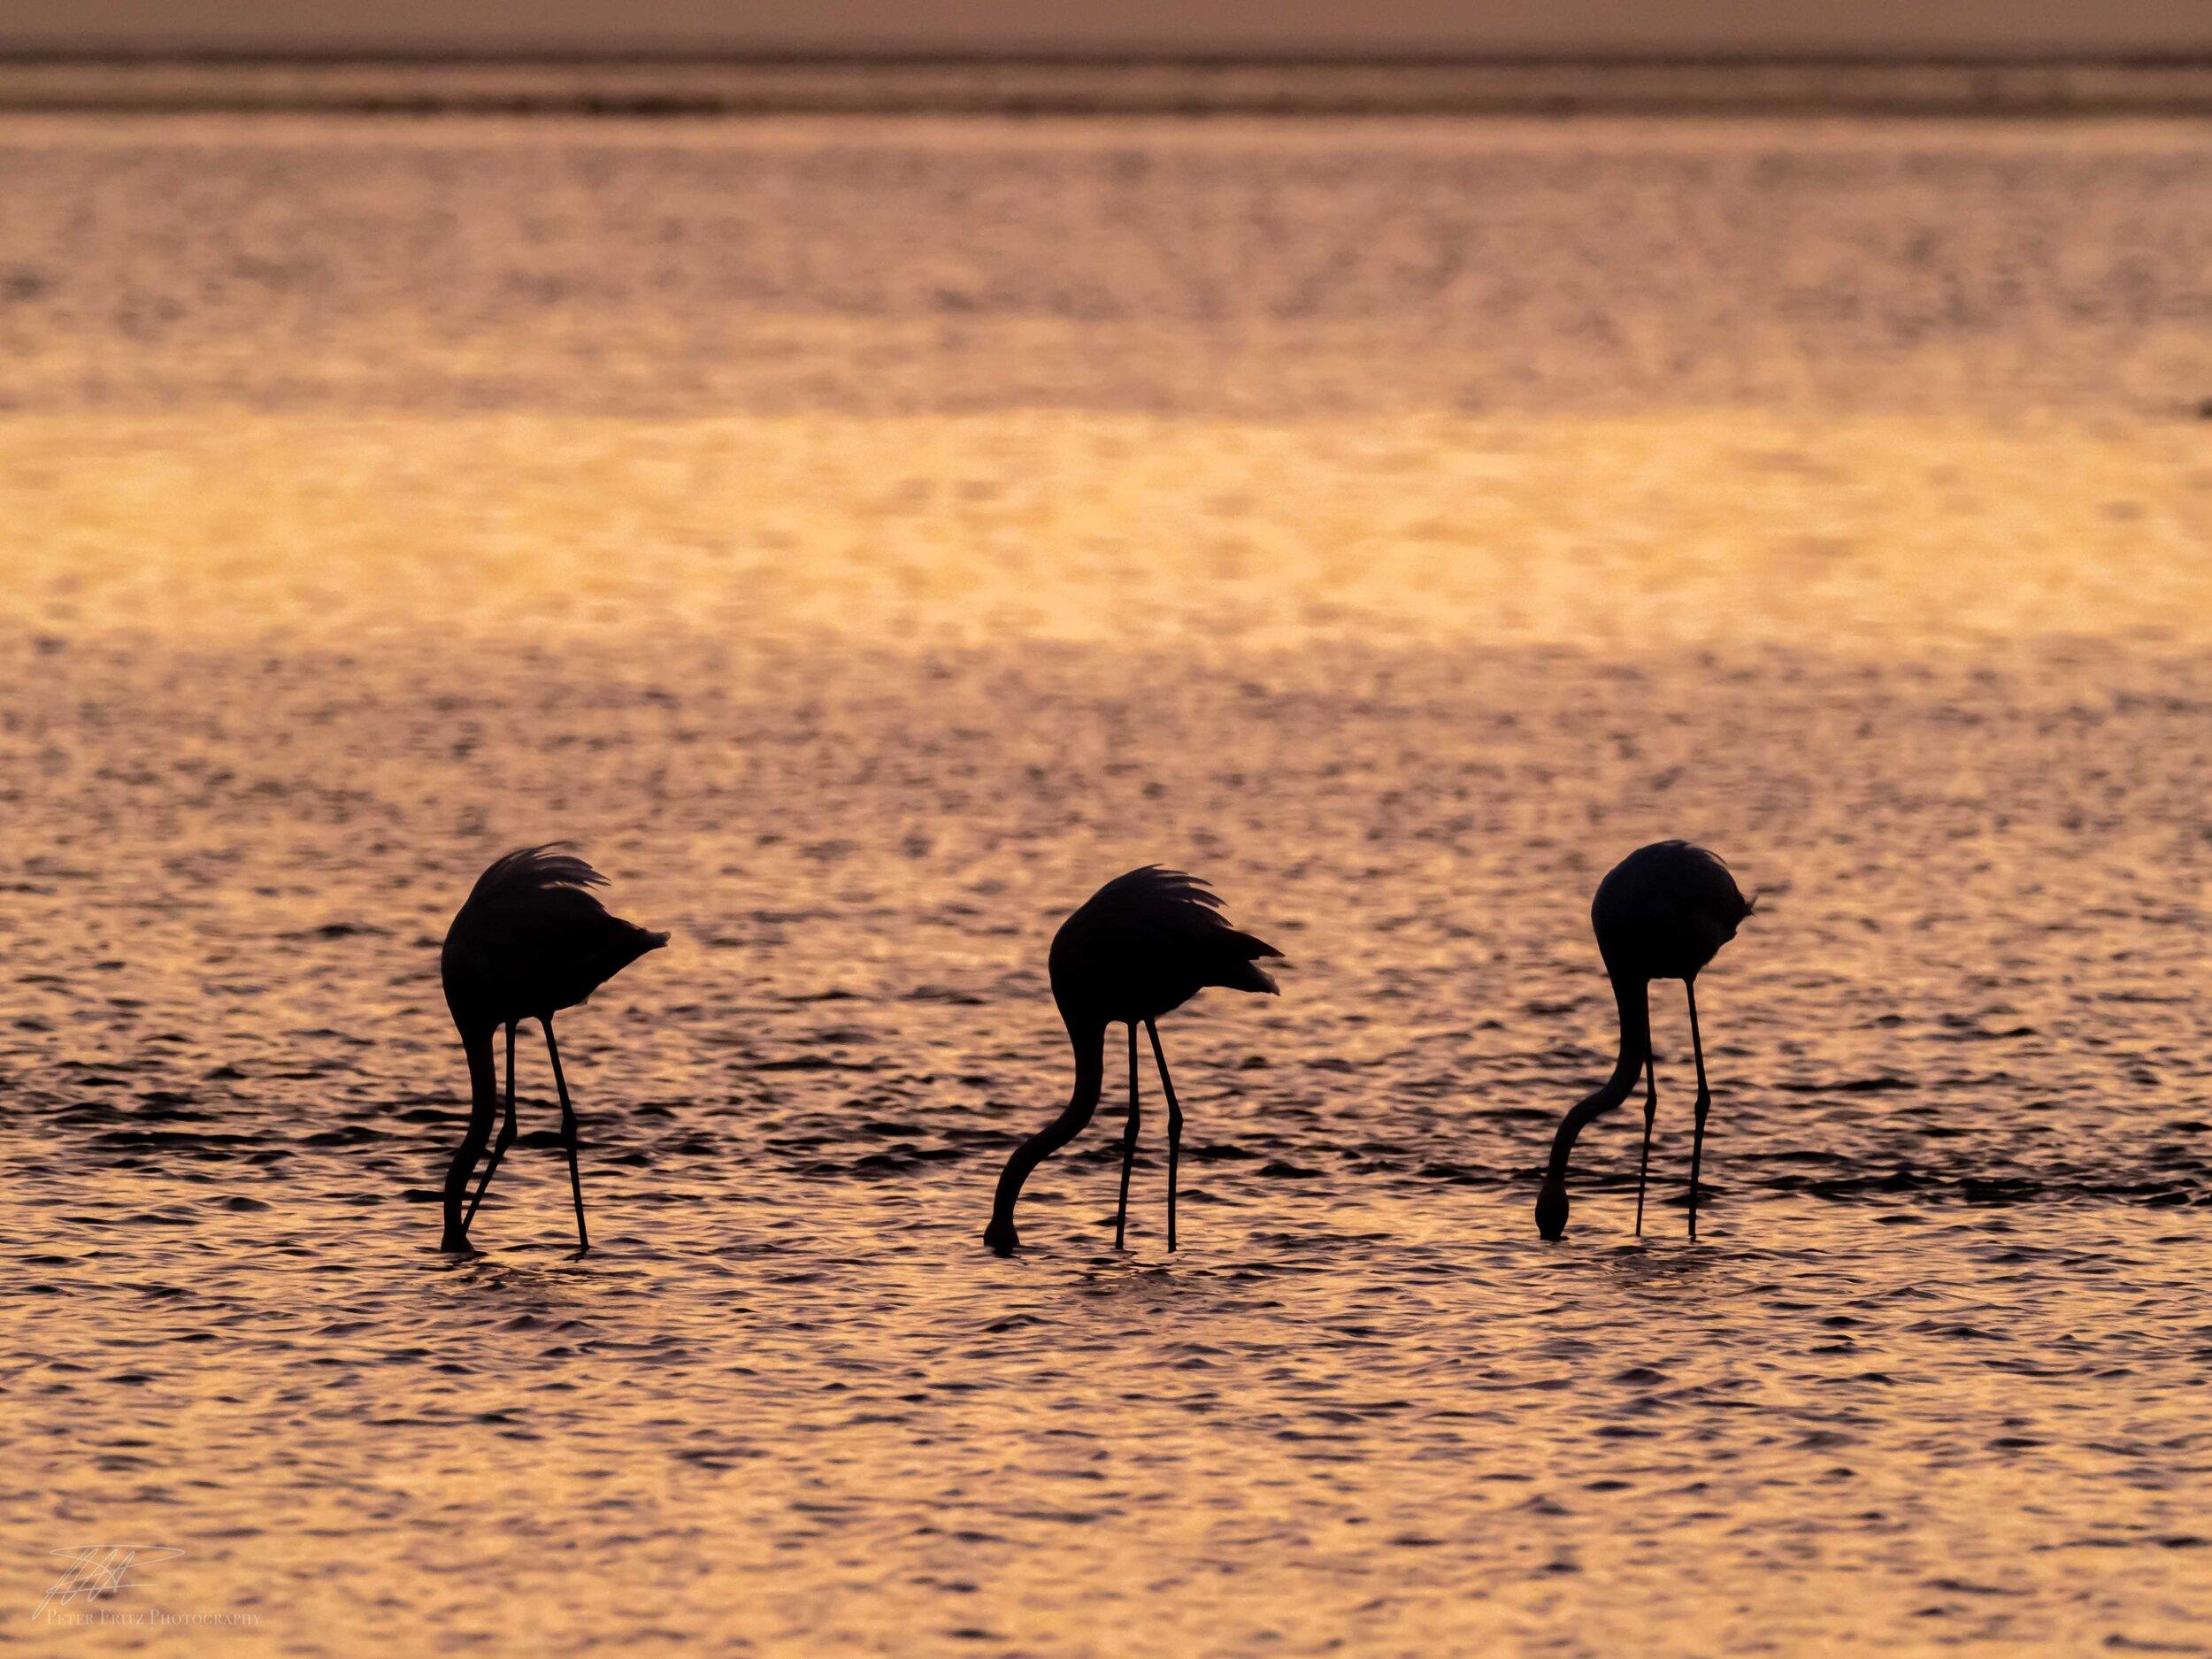 The Three Flamingoes 4x3 web.jpg